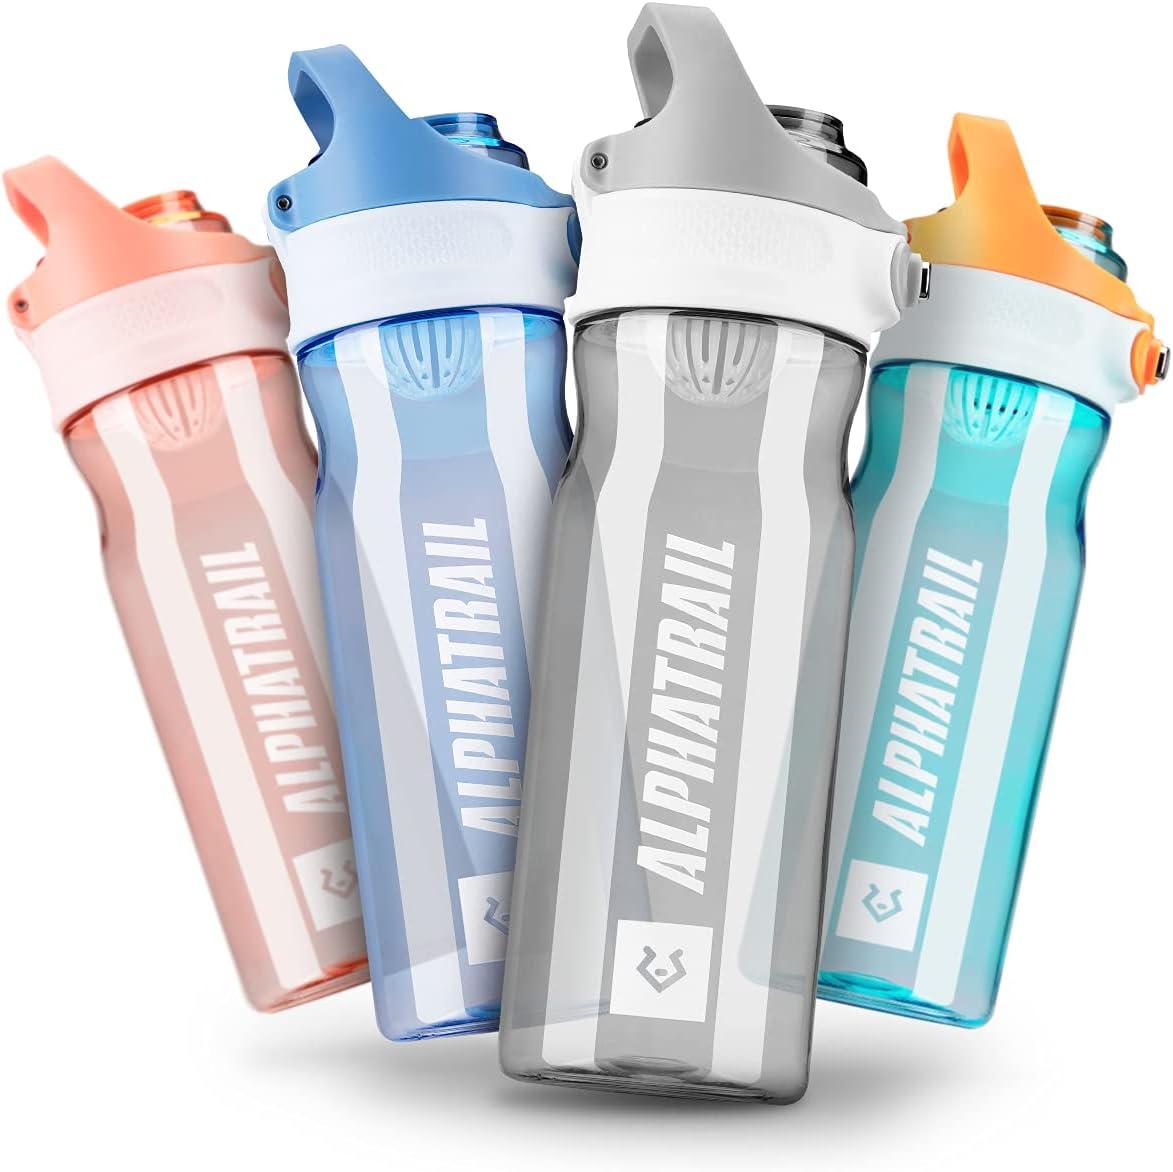 Alphatrail Botella Agua Tritan Jimmy 500ml I 100% Prueba de Fugas I sin BPA & Ecológicamente I Seguro Lavavajillas I Abertura para Beber Funcional para una óptima hidratación Durante el Deporte